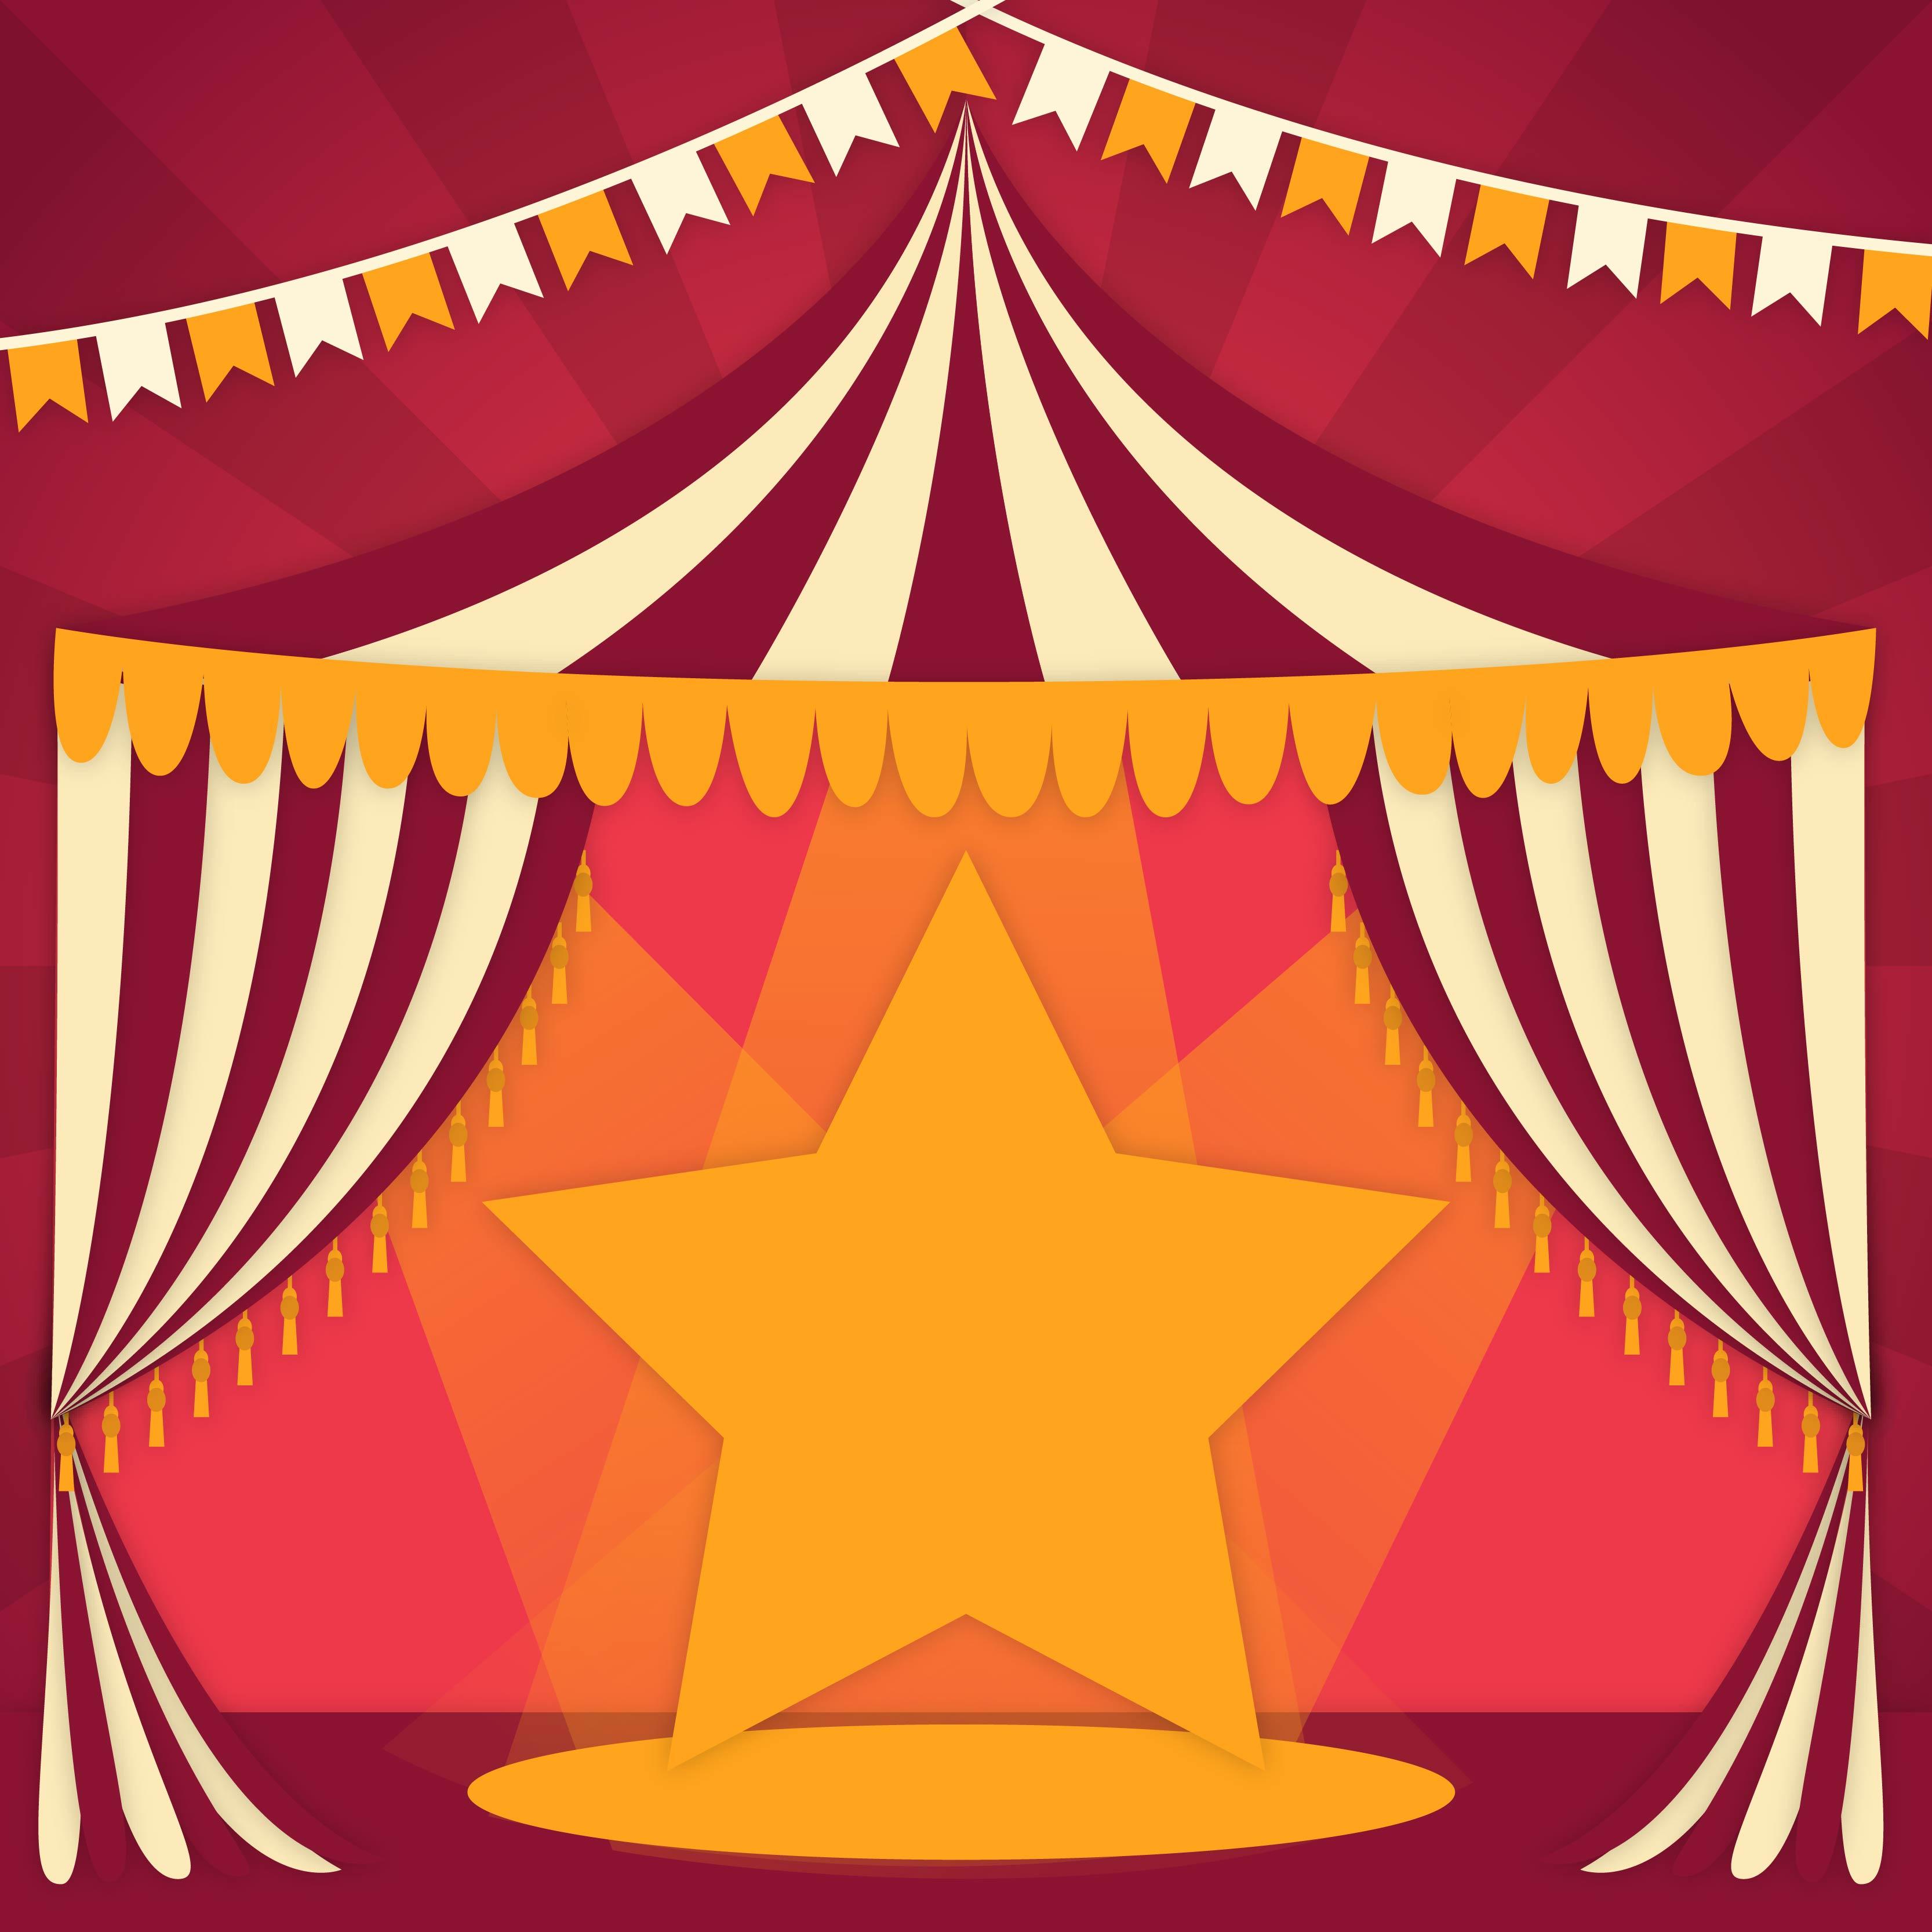 Affiche le cirque de fond cirque affiches arri re plan for Fond affiche gratuit